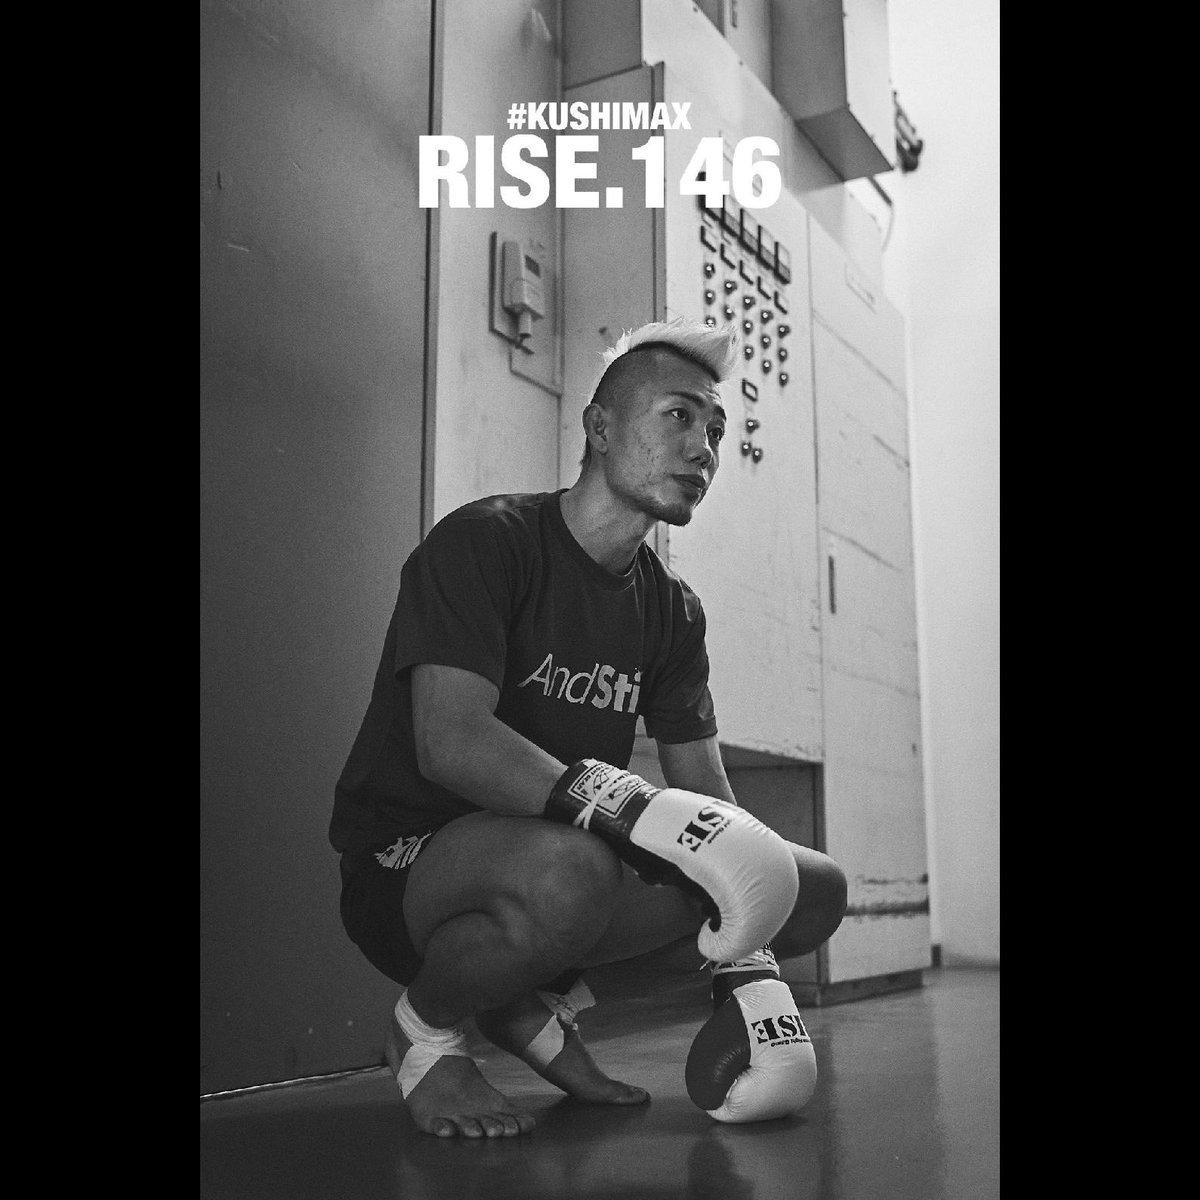 #RISE.146 #大石健作   #rise #rise146 #kickboxing #karate #backstage  #muaythai #blackandwhite  #teamteppen